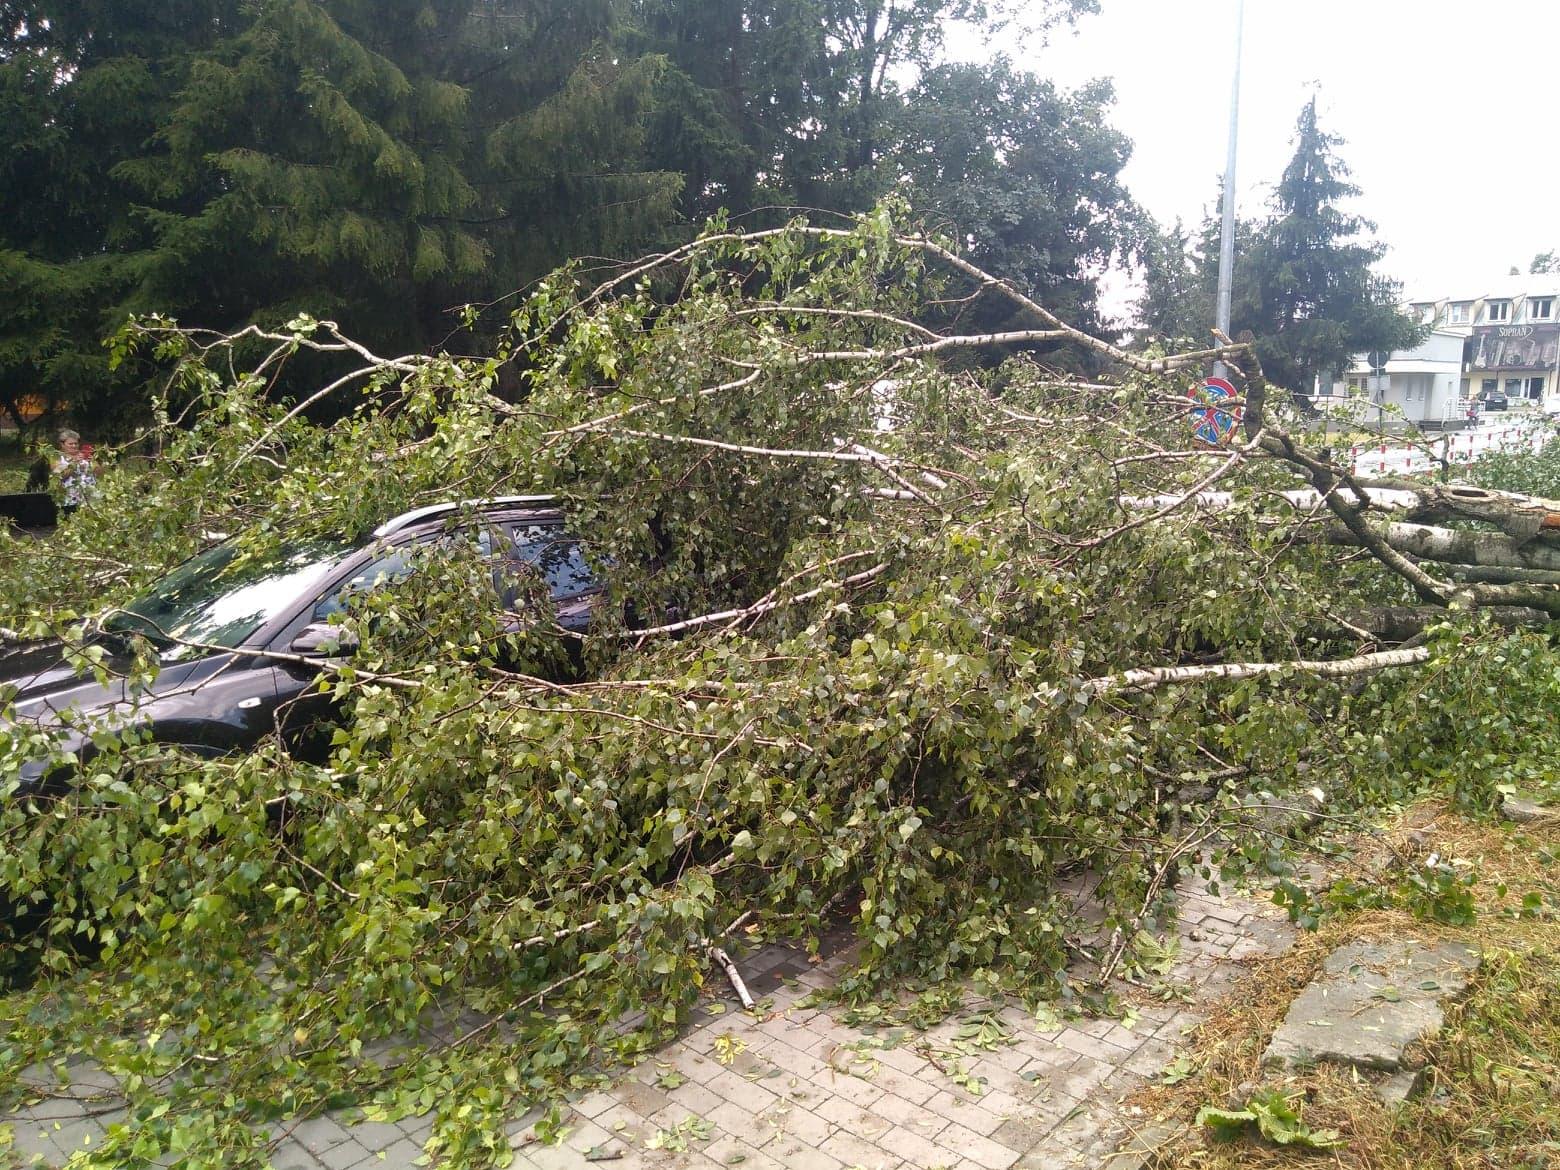 burza 7 Zerwane dachy, połamane drzewa, uszkodzone samochody. Straty po burzy, która przeszła nad Zamojszczyzną